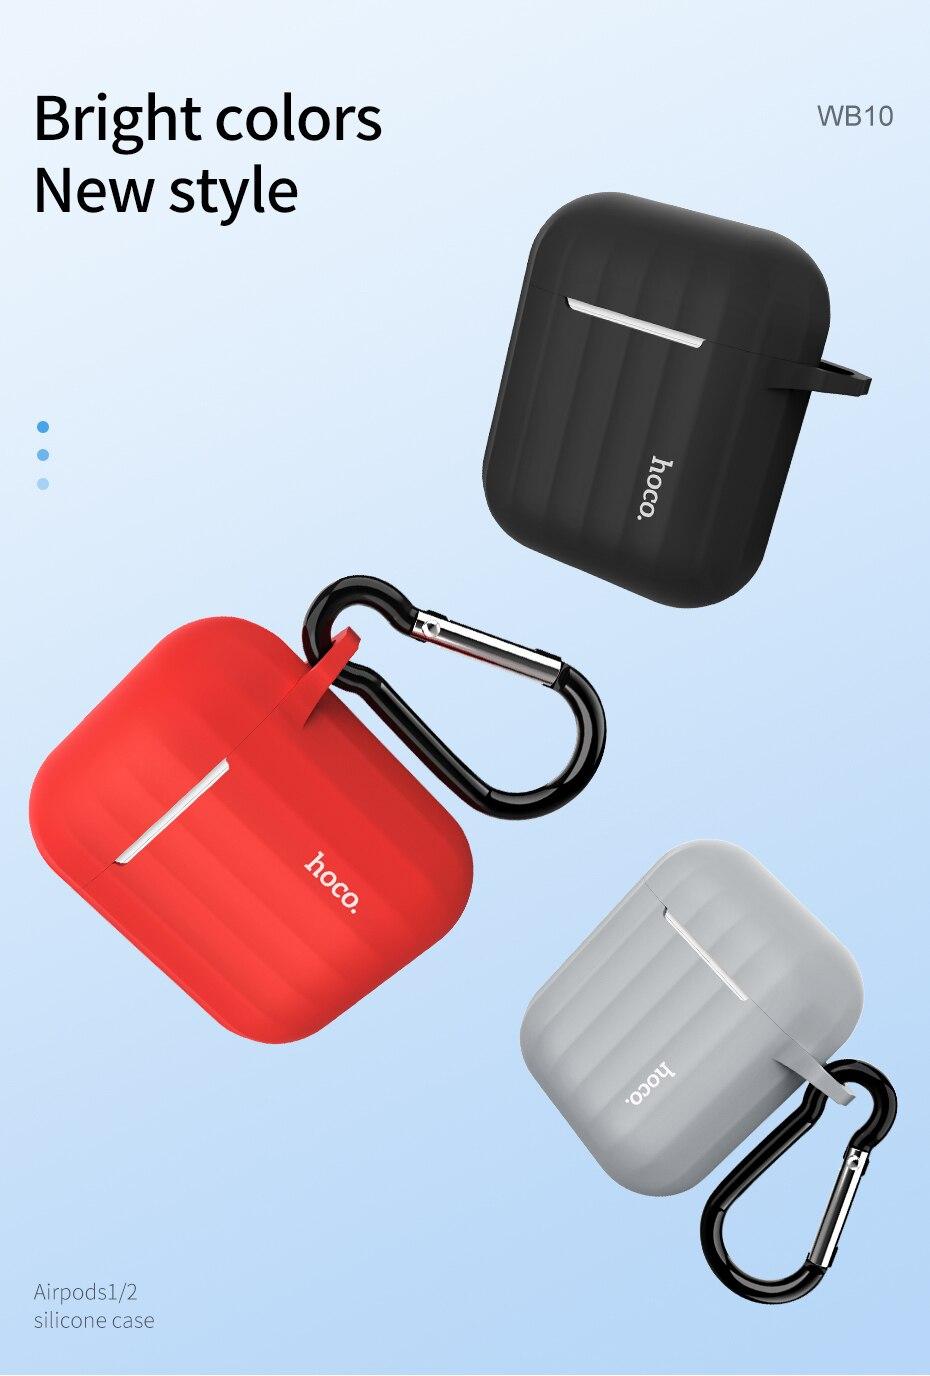 WB10-Airpods12-硅胶保护套速卖通_10